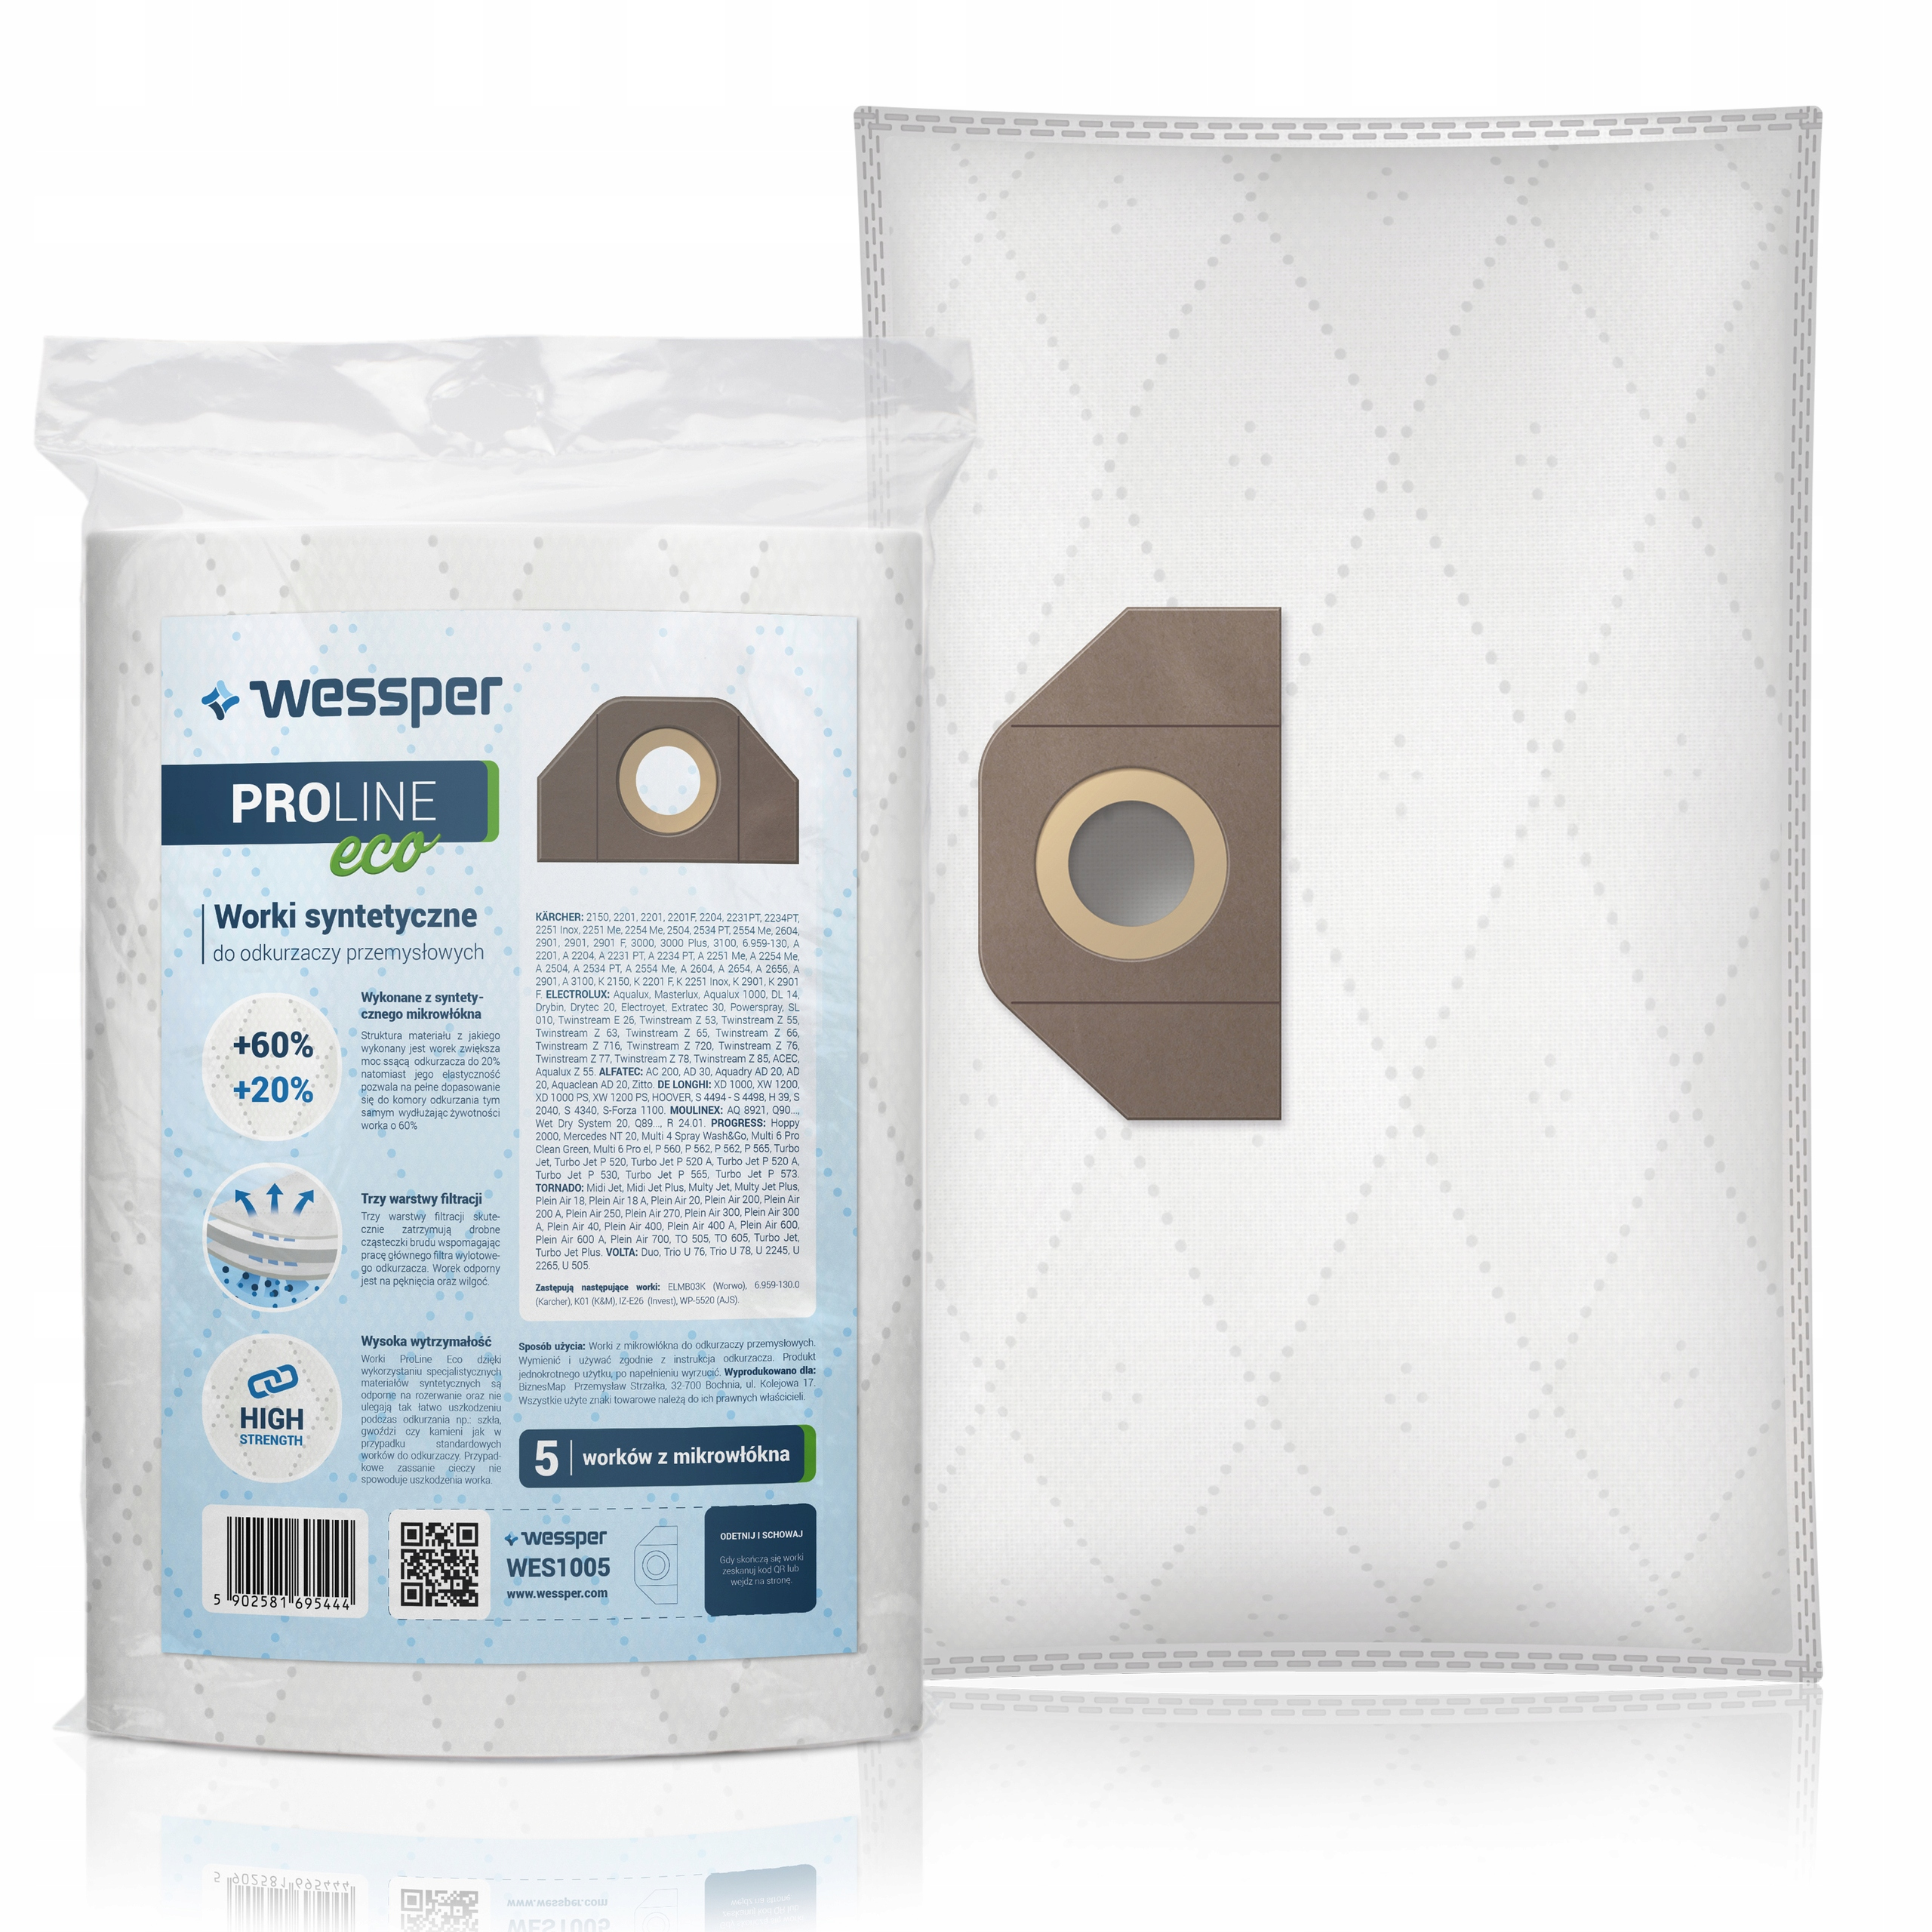 Мешки-пылесборники для пылесосов керхер-выбираем правильно